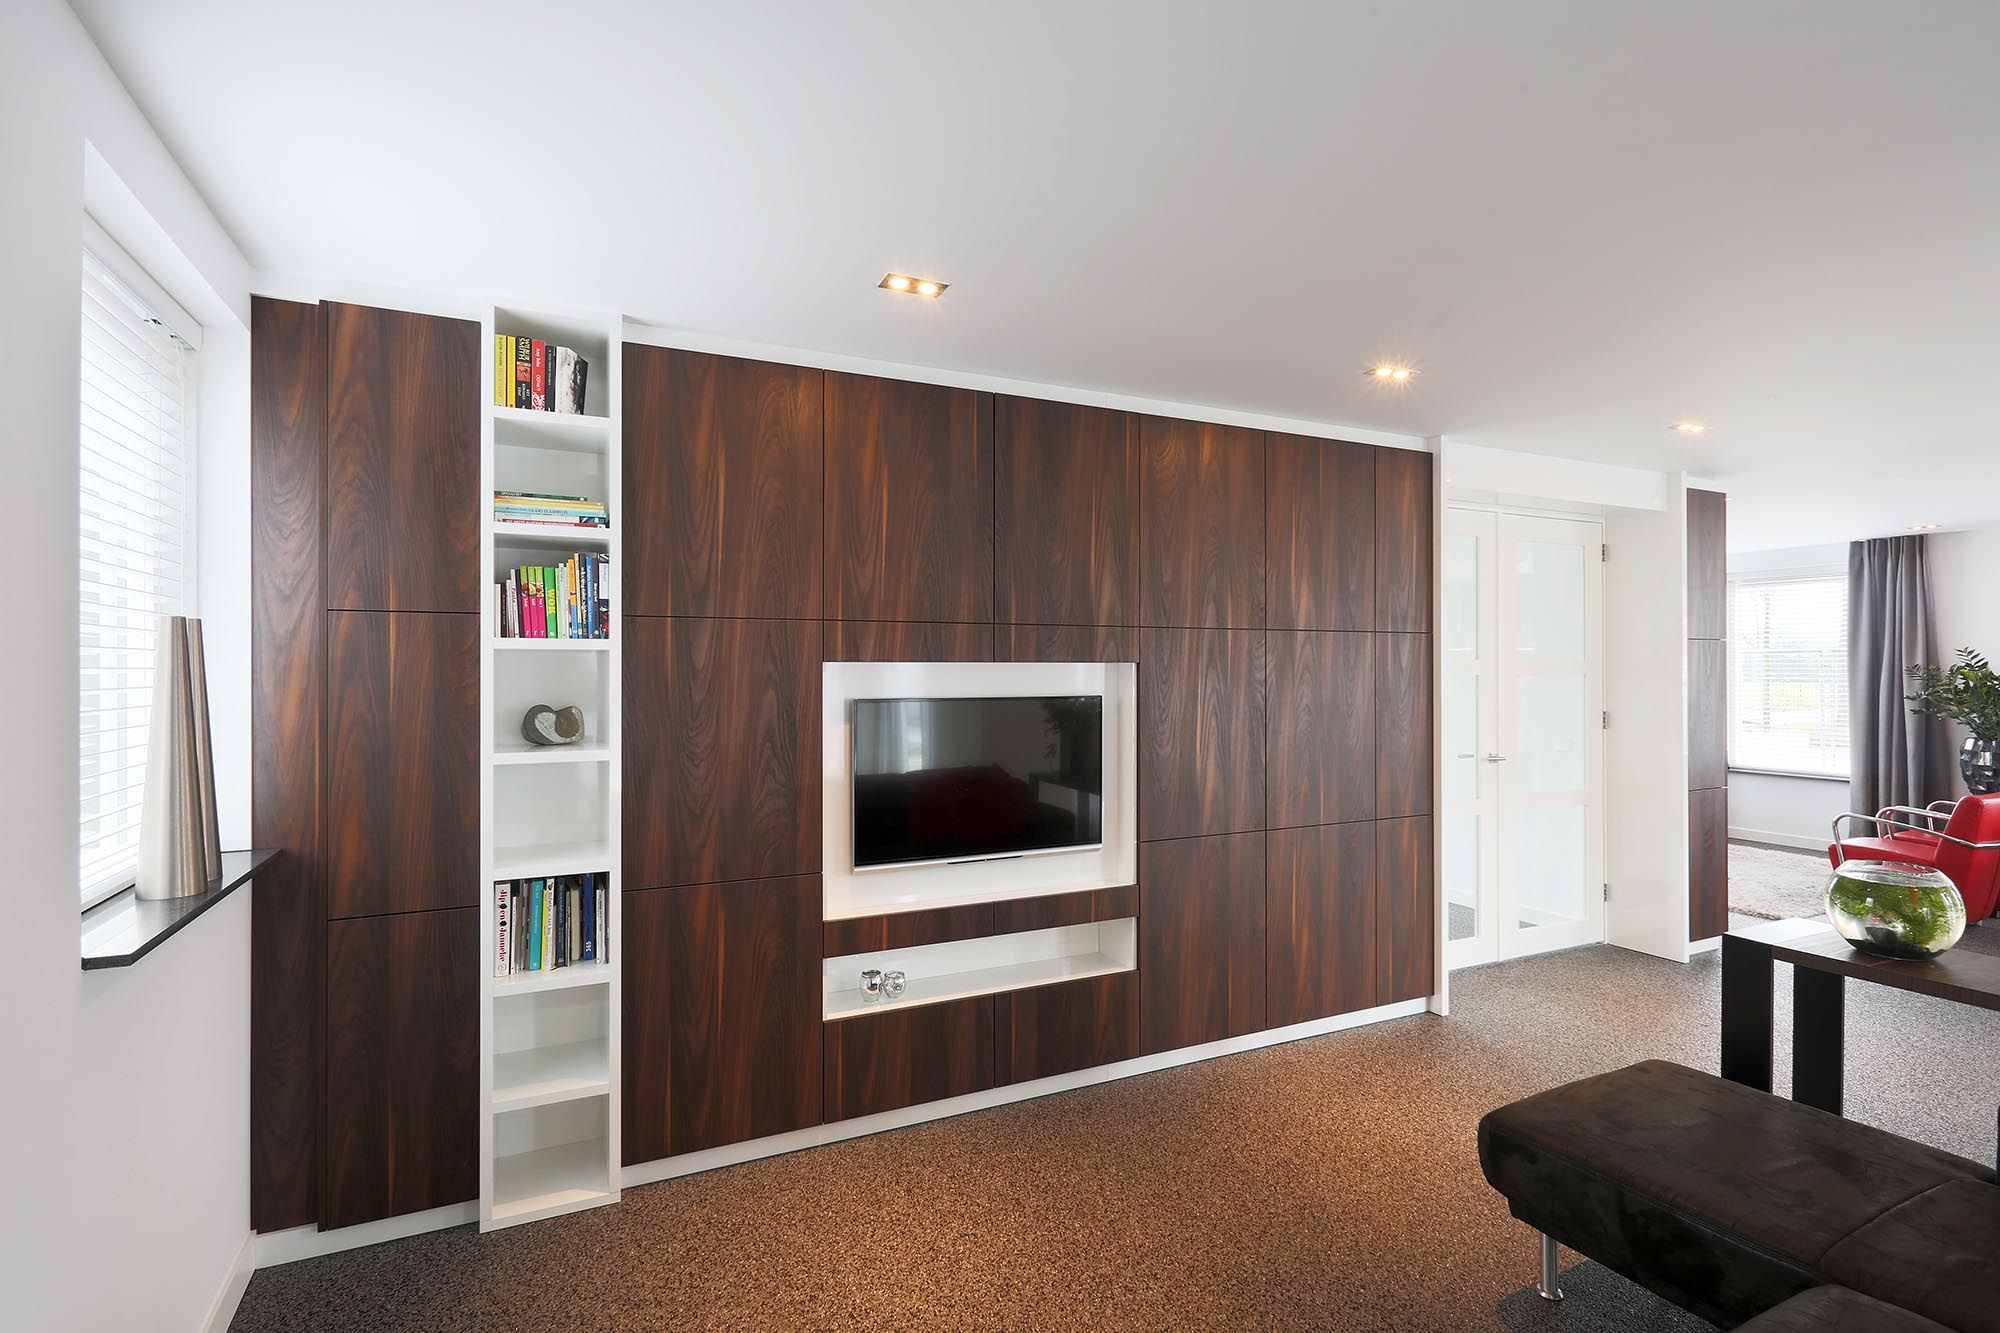 Bergkast woonkamer beautiful brighton gesloten kast for Kast voor woonkamer